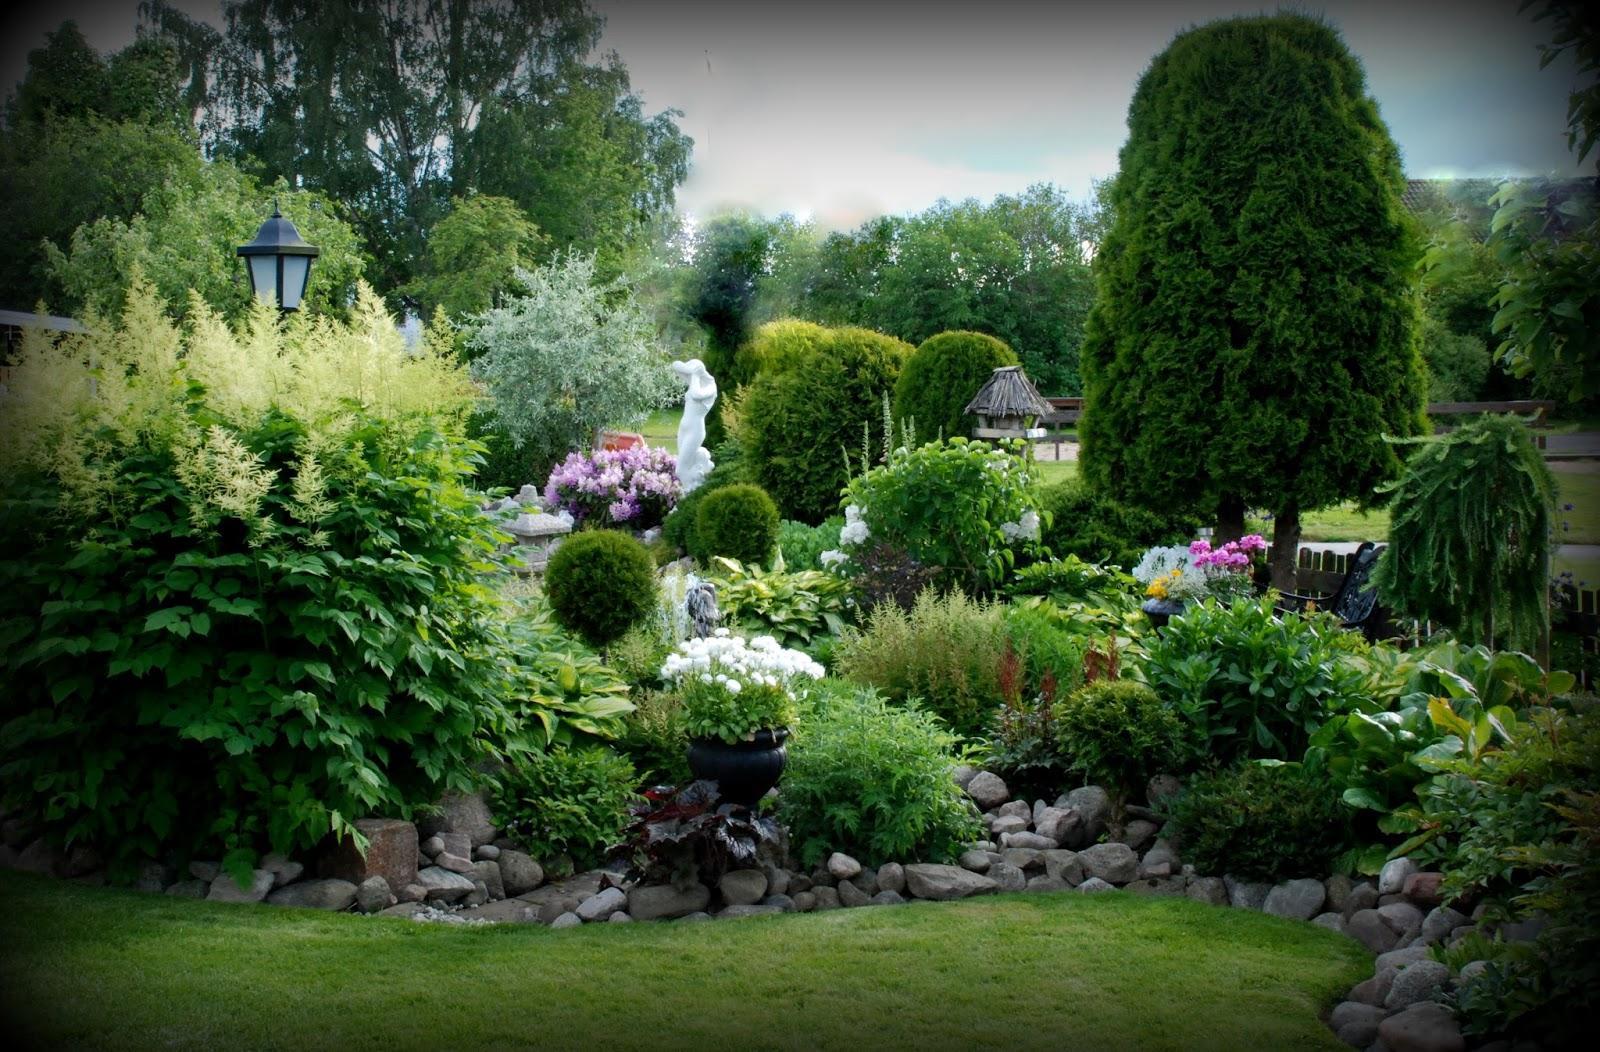 Záhrada,ktorá ťa nikdy neomrzí...divoká a krásna - Obrázok č. 18